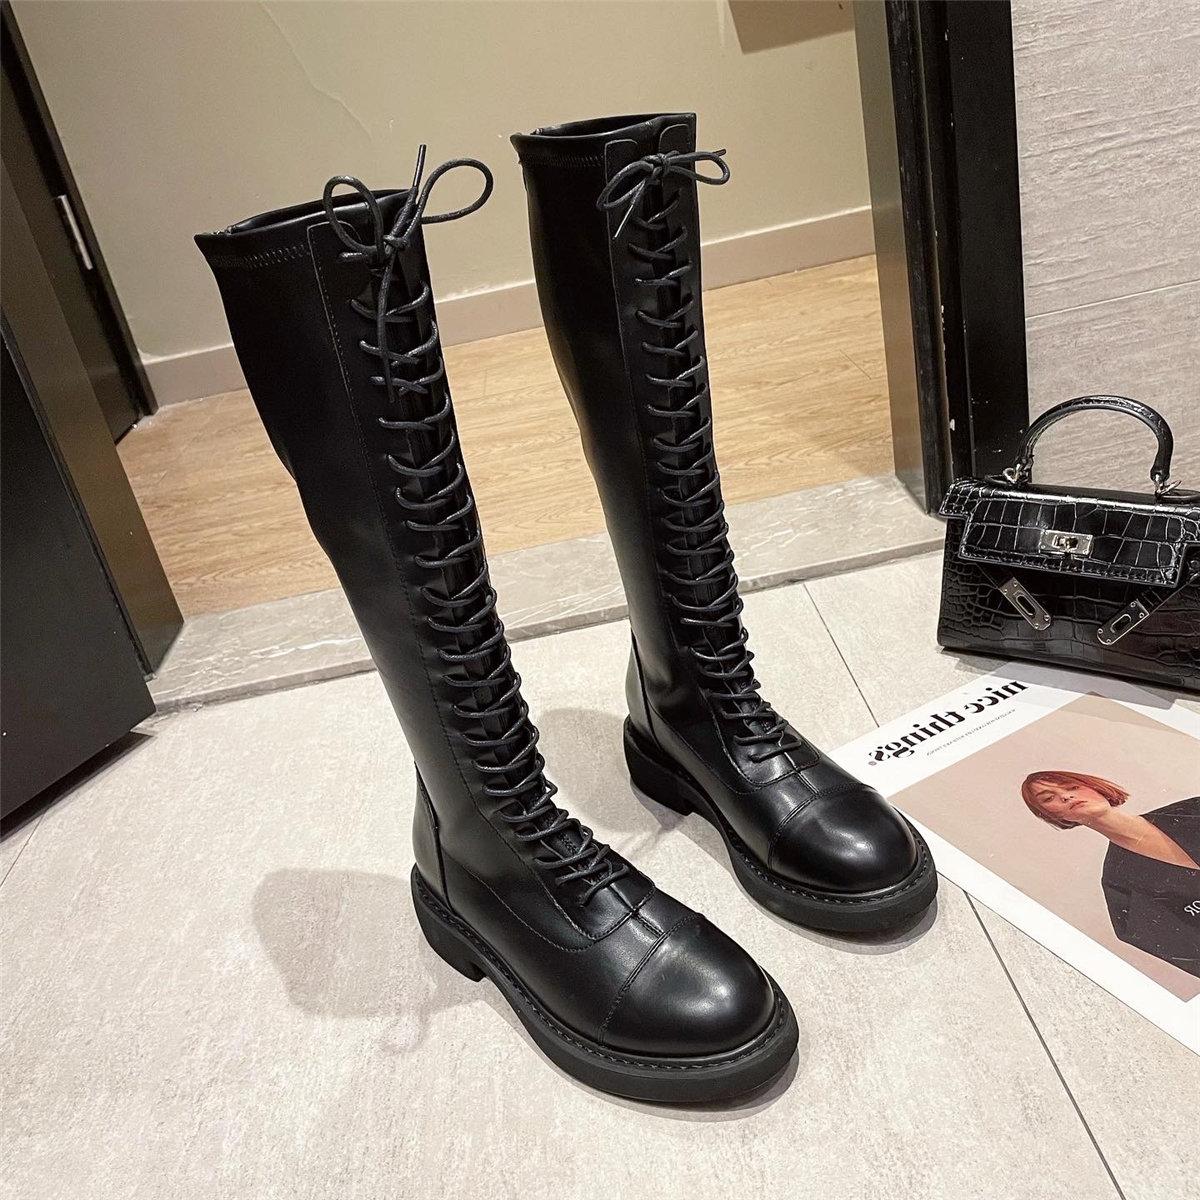 「鞋阅」圆头高筒中跟长筒女靴21秋季新款高筒马丁靴粗跟厚底靴子